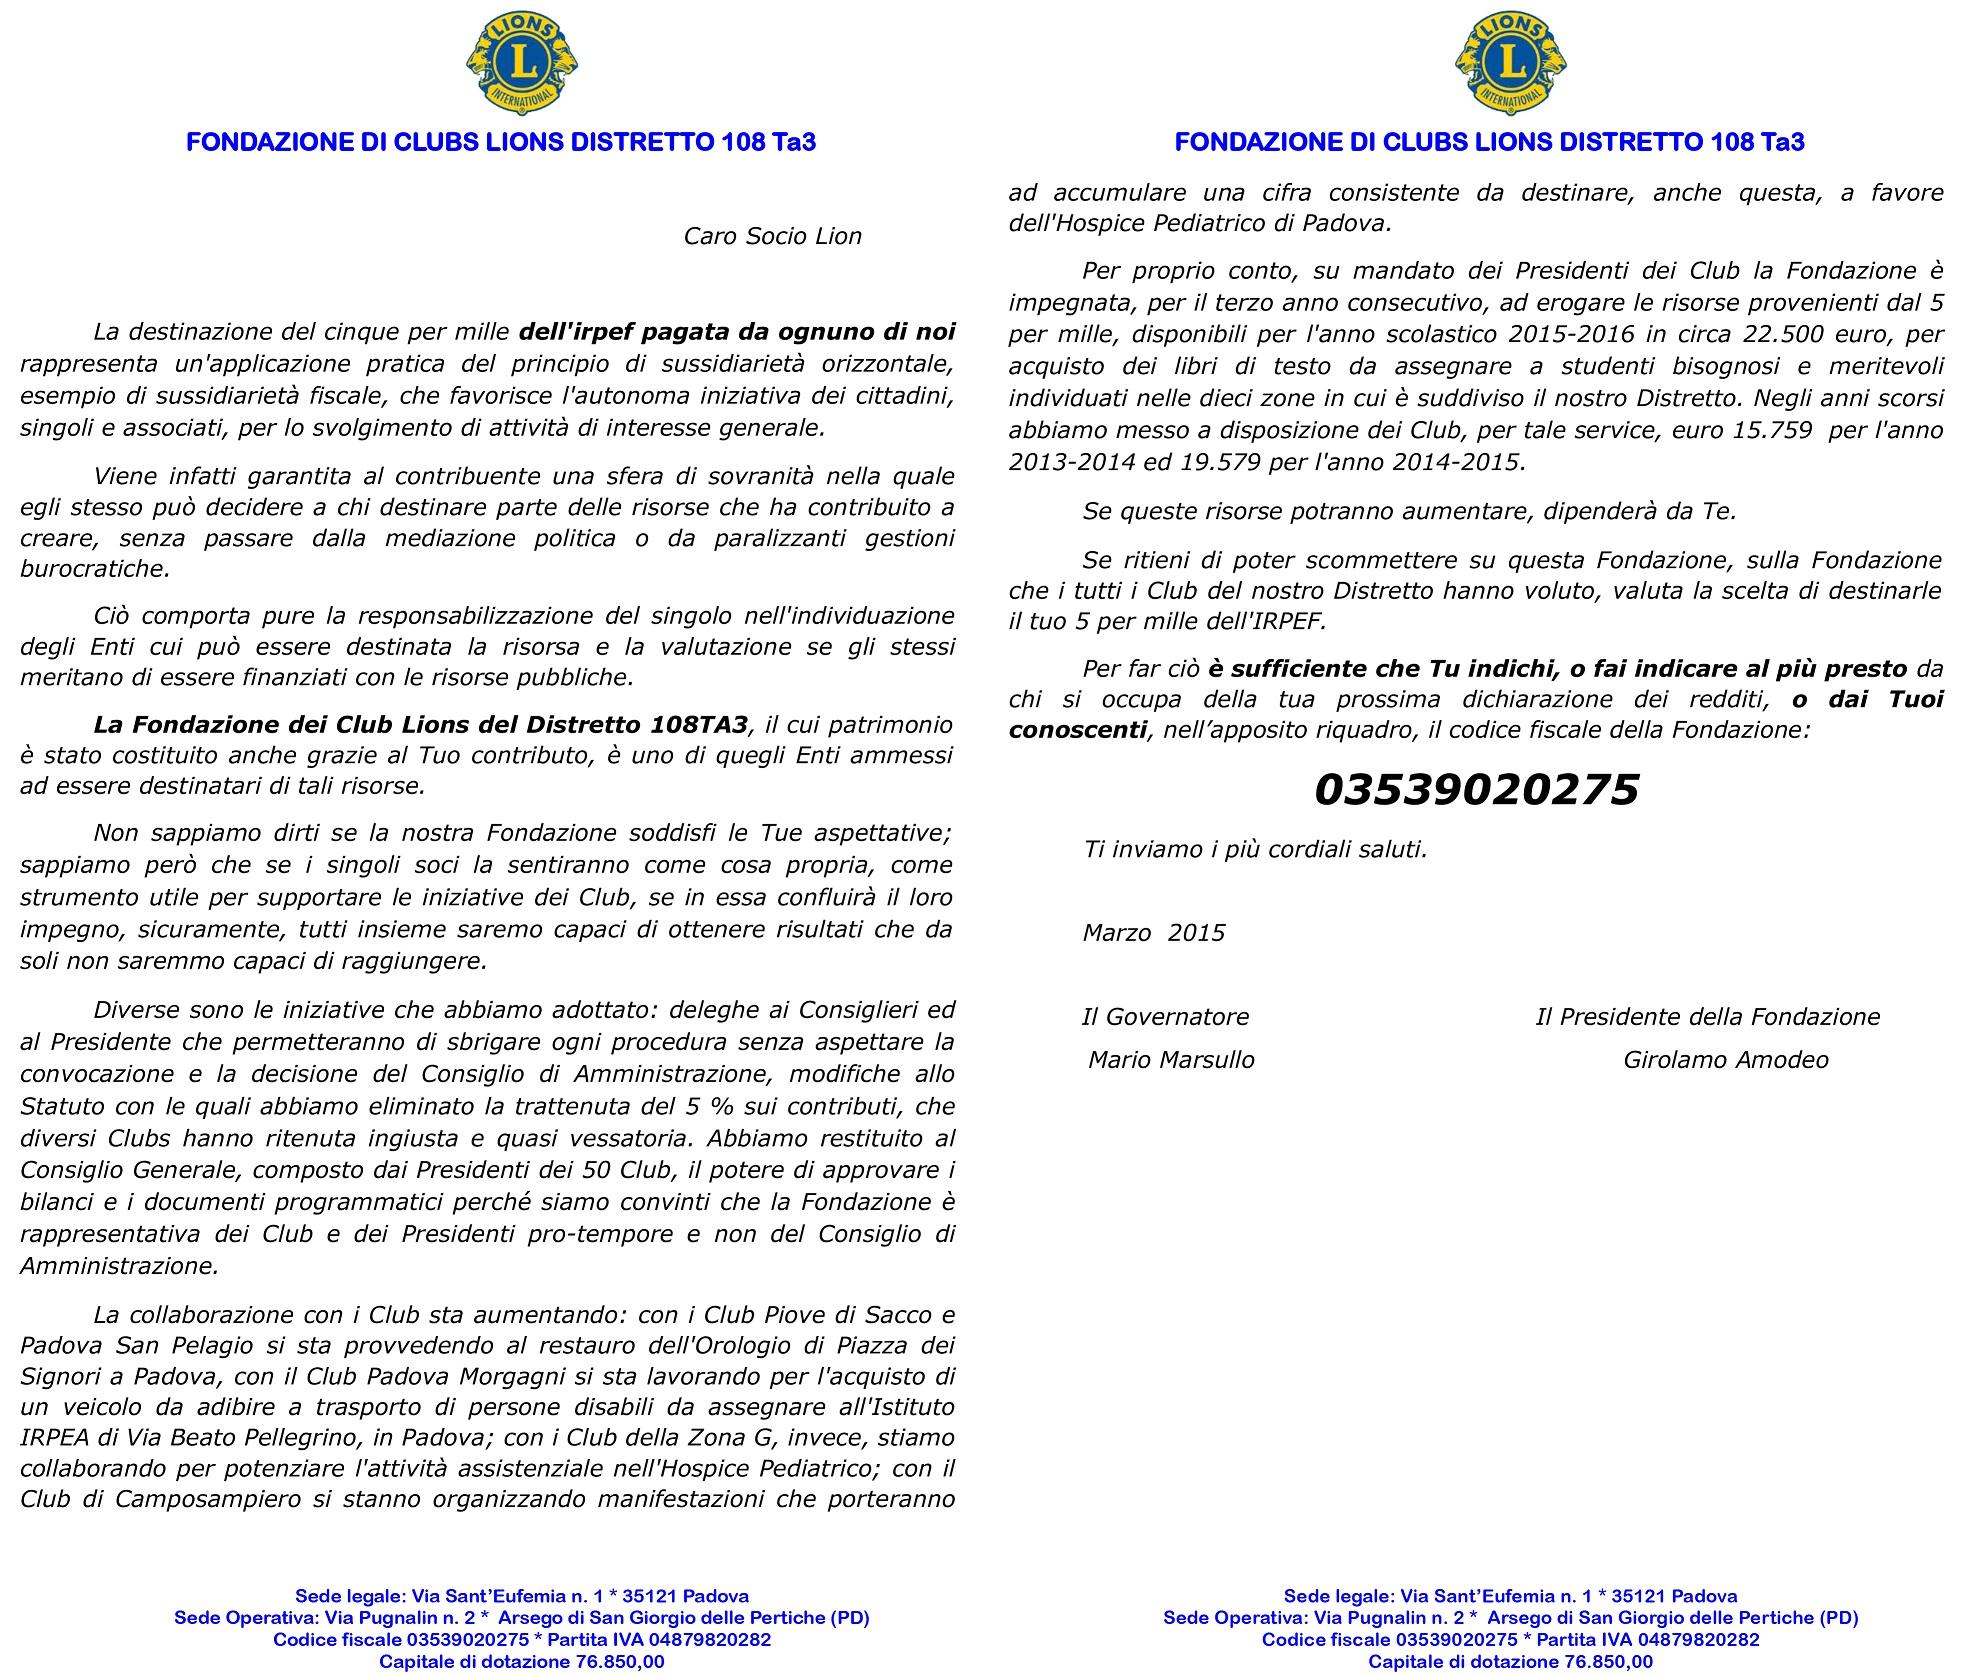 DONA il 5 ‰ alla FONDAZIONE LIONS 108 Ta3 indicando il codice fiscale: 03539020275